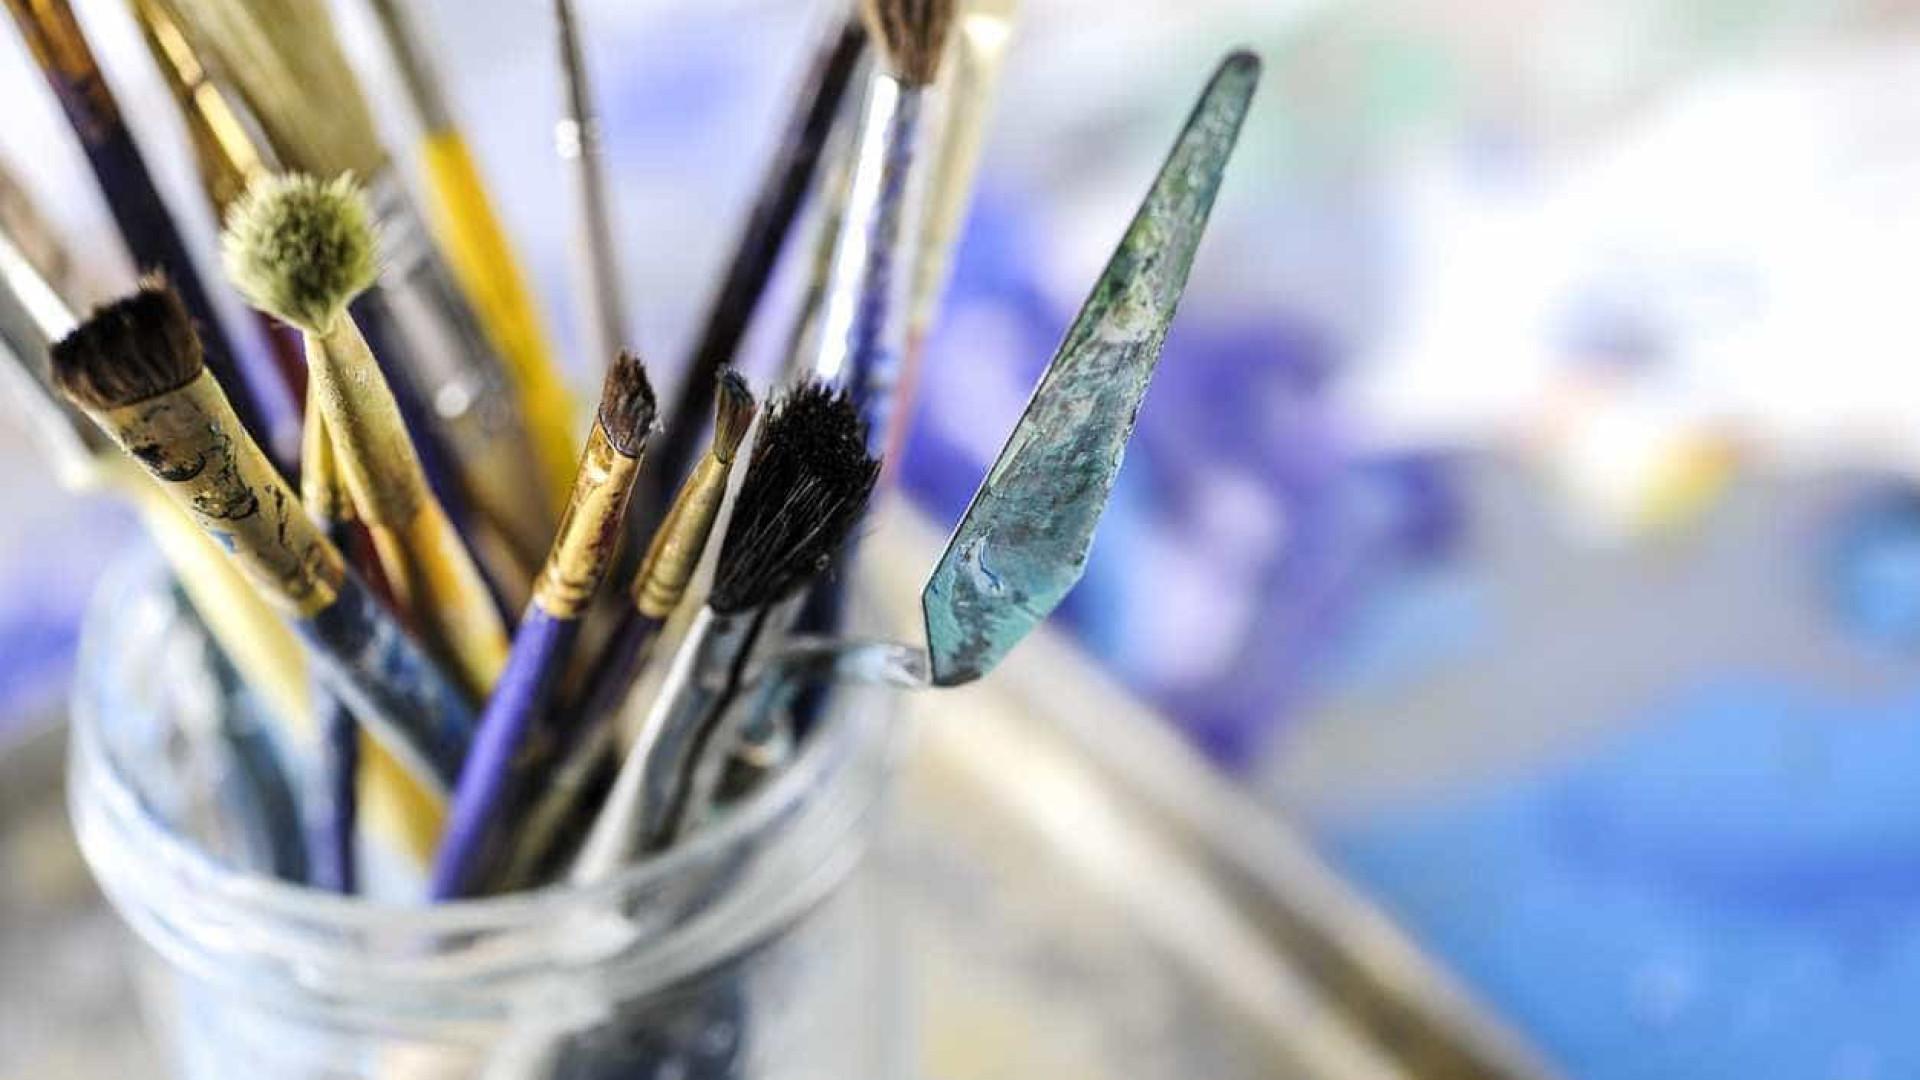 Artista plástico Mário Rodrigues morreu segunda-feira em Santarém